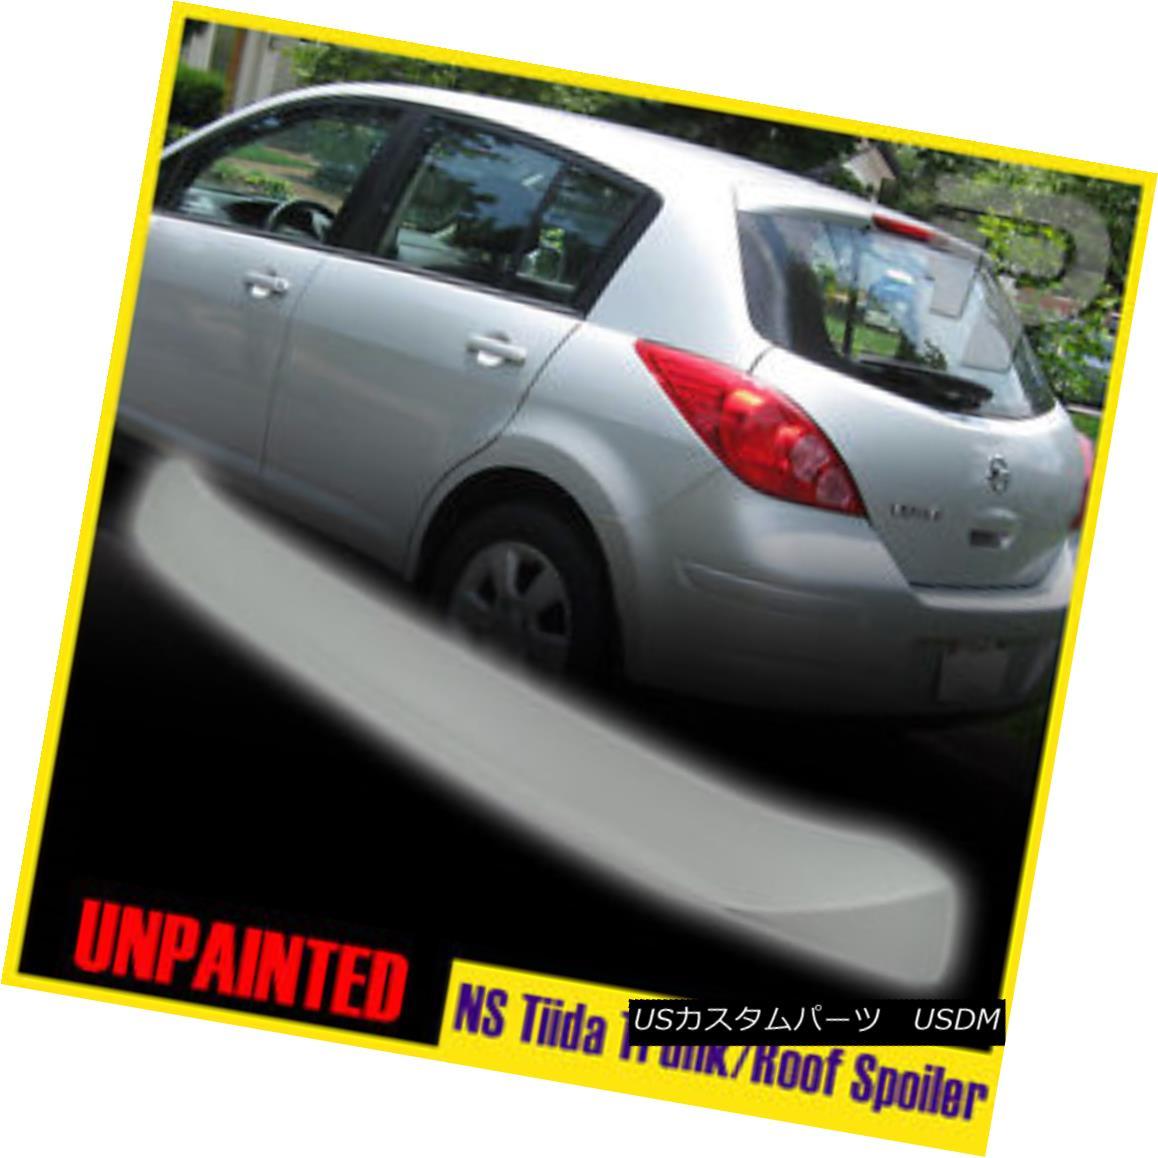 エアロパーツ Painted For Nissan Tiida 1st Versa C11 Rear Roof Spoiler Wing FRP 07-12 日産ティーダのための塗装第1回Versa C11リアルーフスポイラーウイングFRP 07-12